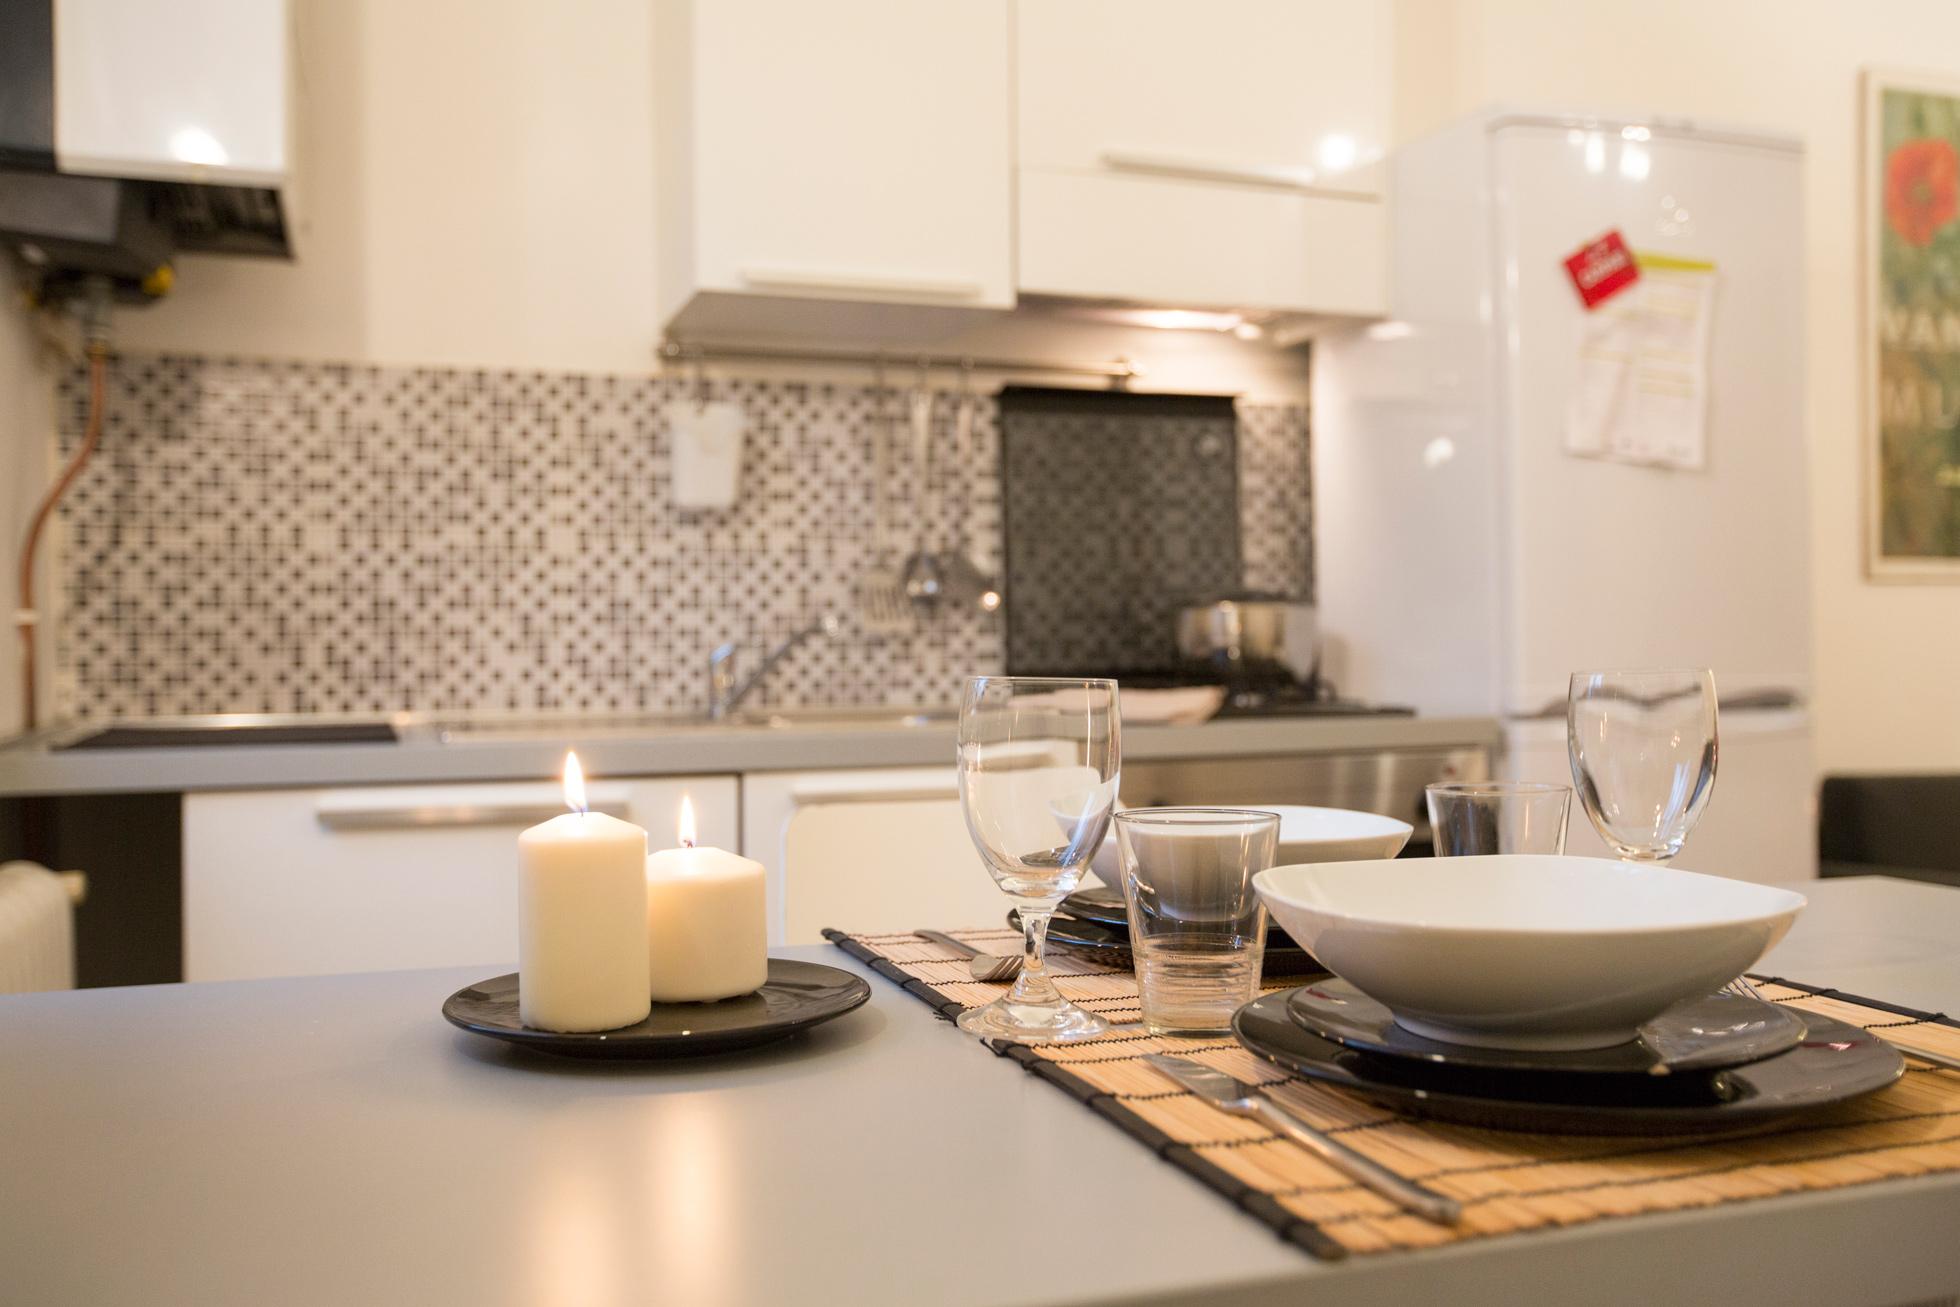 cucina-dettaglio2